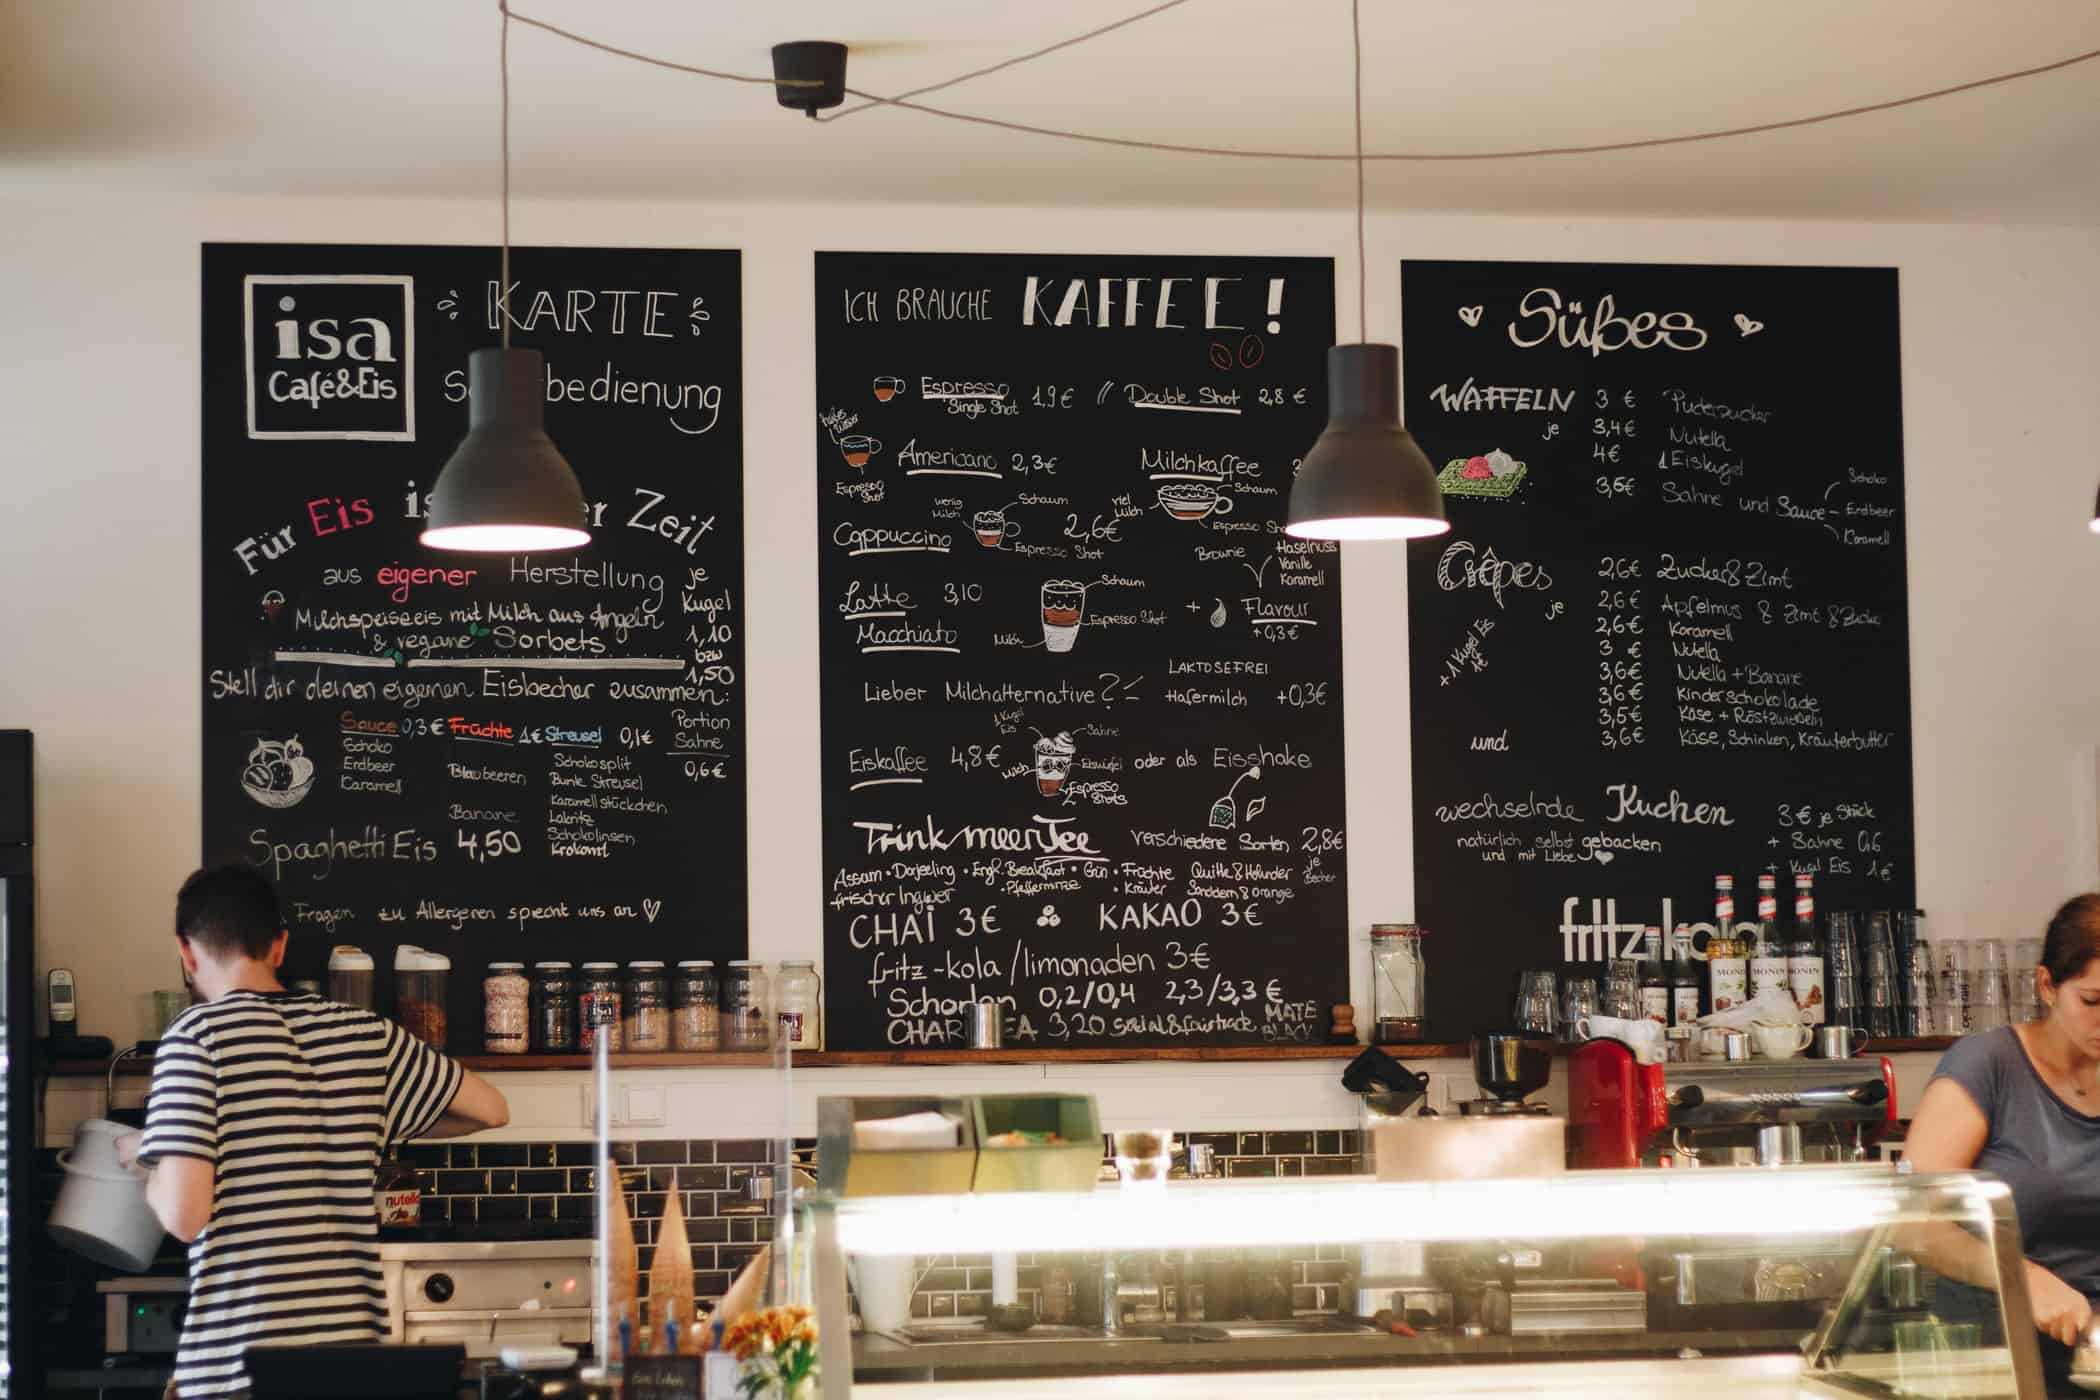 Café Isa InnenCafé Isa in Flensburg